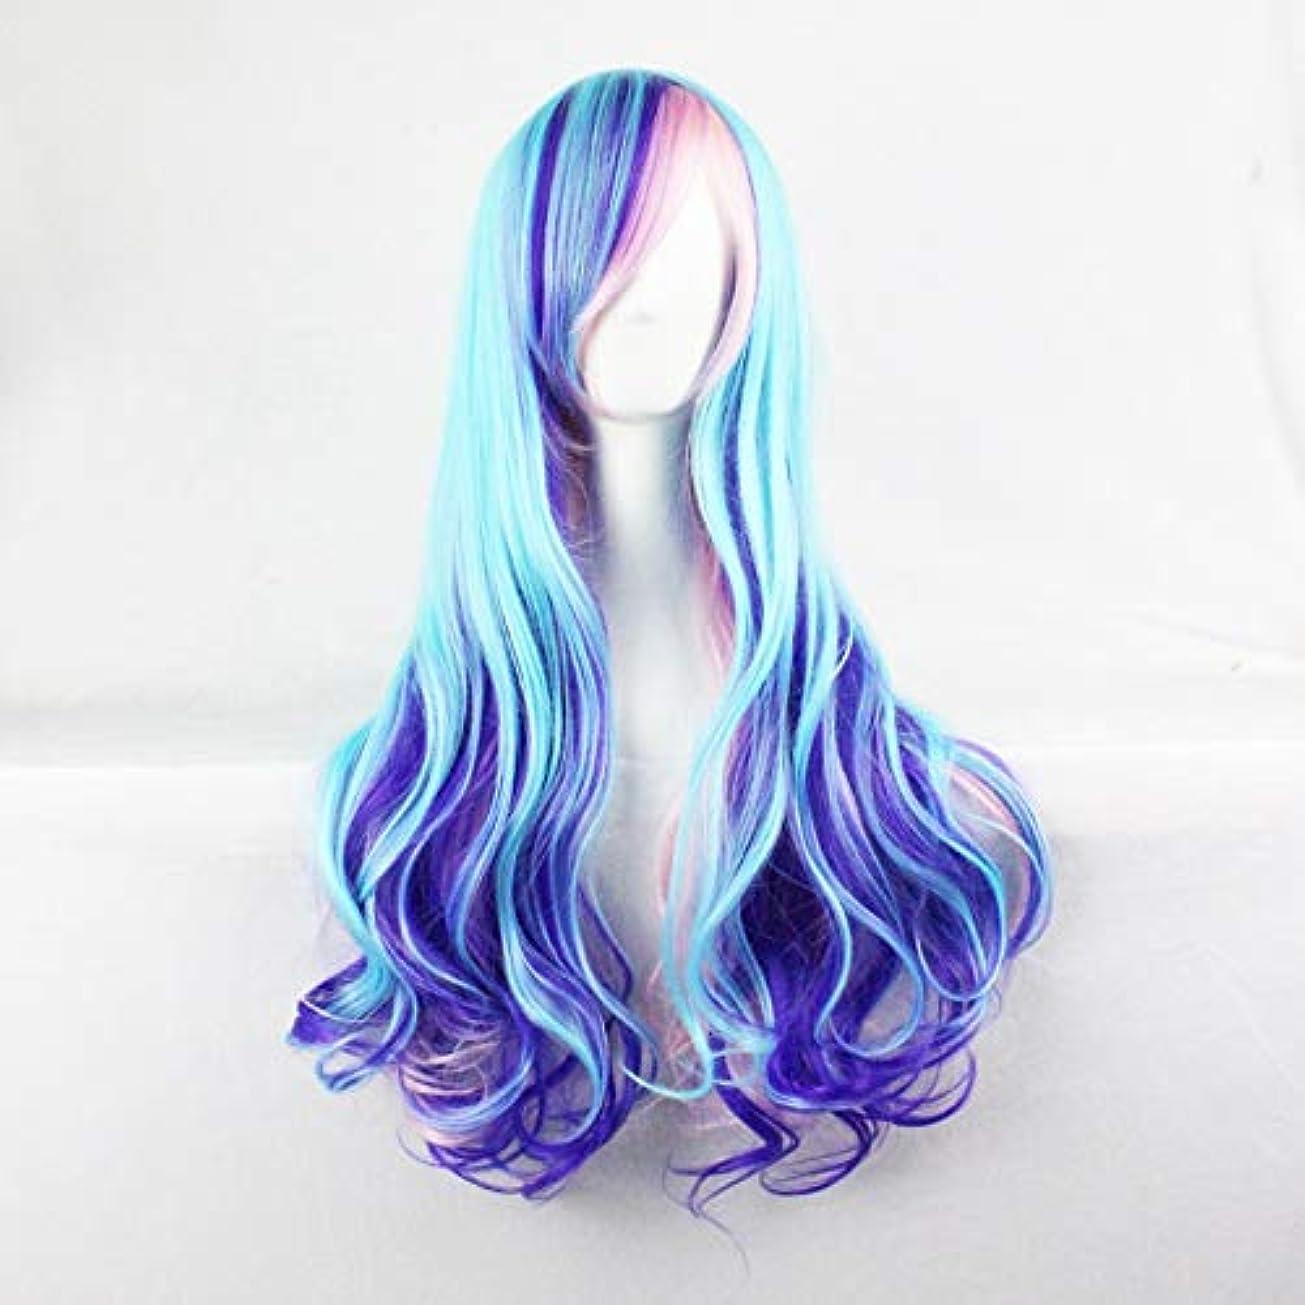 しっかりコンパイル中国かつらキャップでかつらファンシードレスカールかつら女性用高品質合成毛髪コスプレ高密度かつら女性&女の子ブルー、ピンク、パープル (Color : 青)